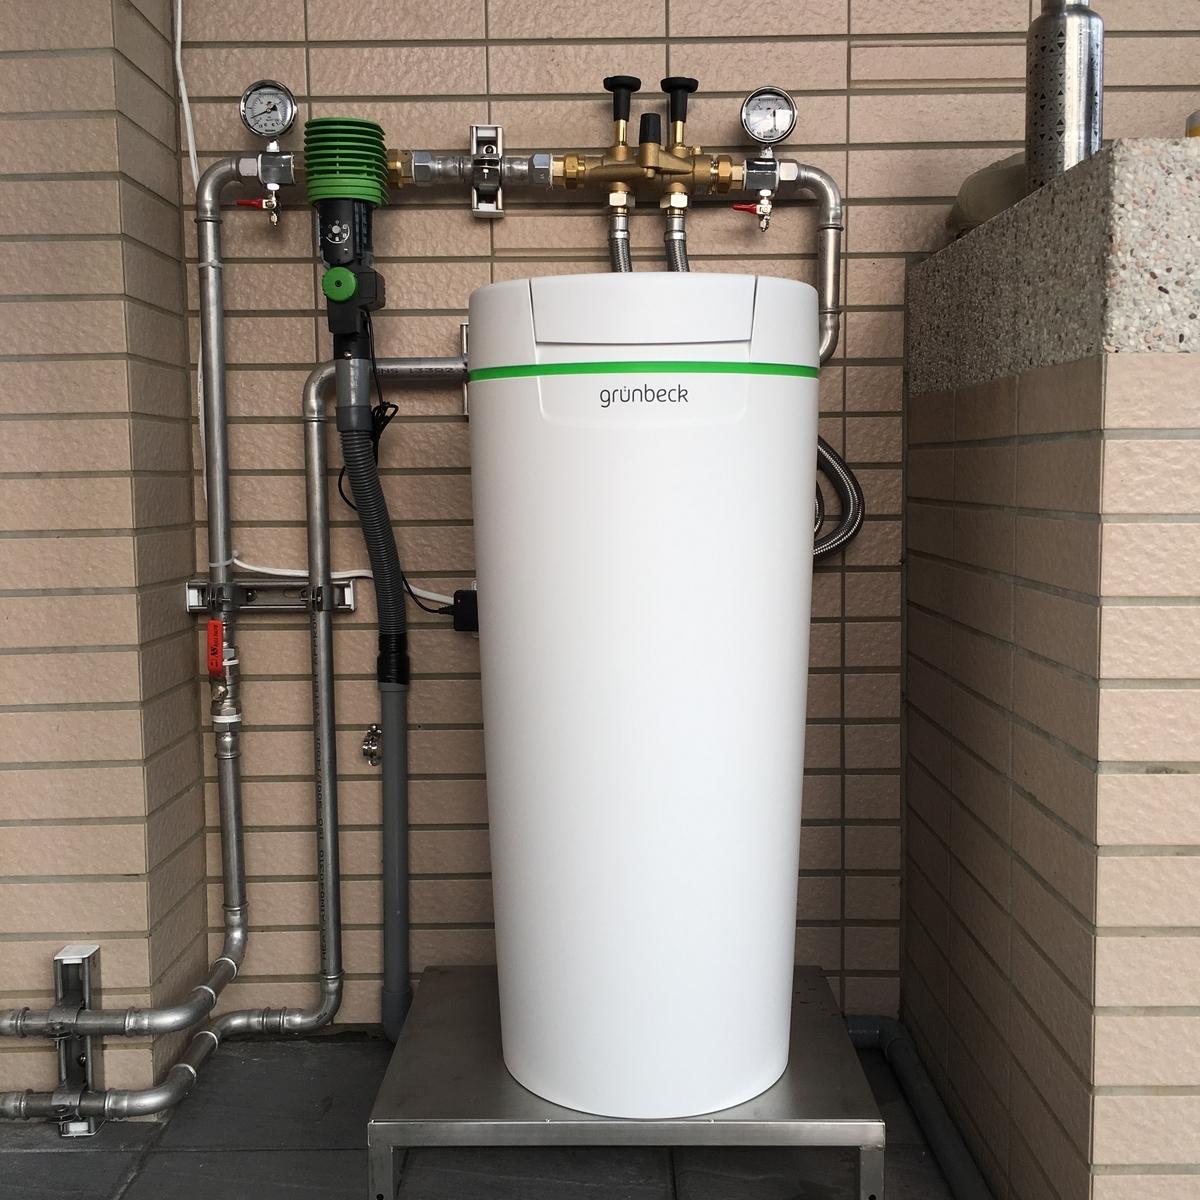 [開箱] 水垢掰掰~德國格溫拜克全屋淨水系統安裝分享 - Mobile01